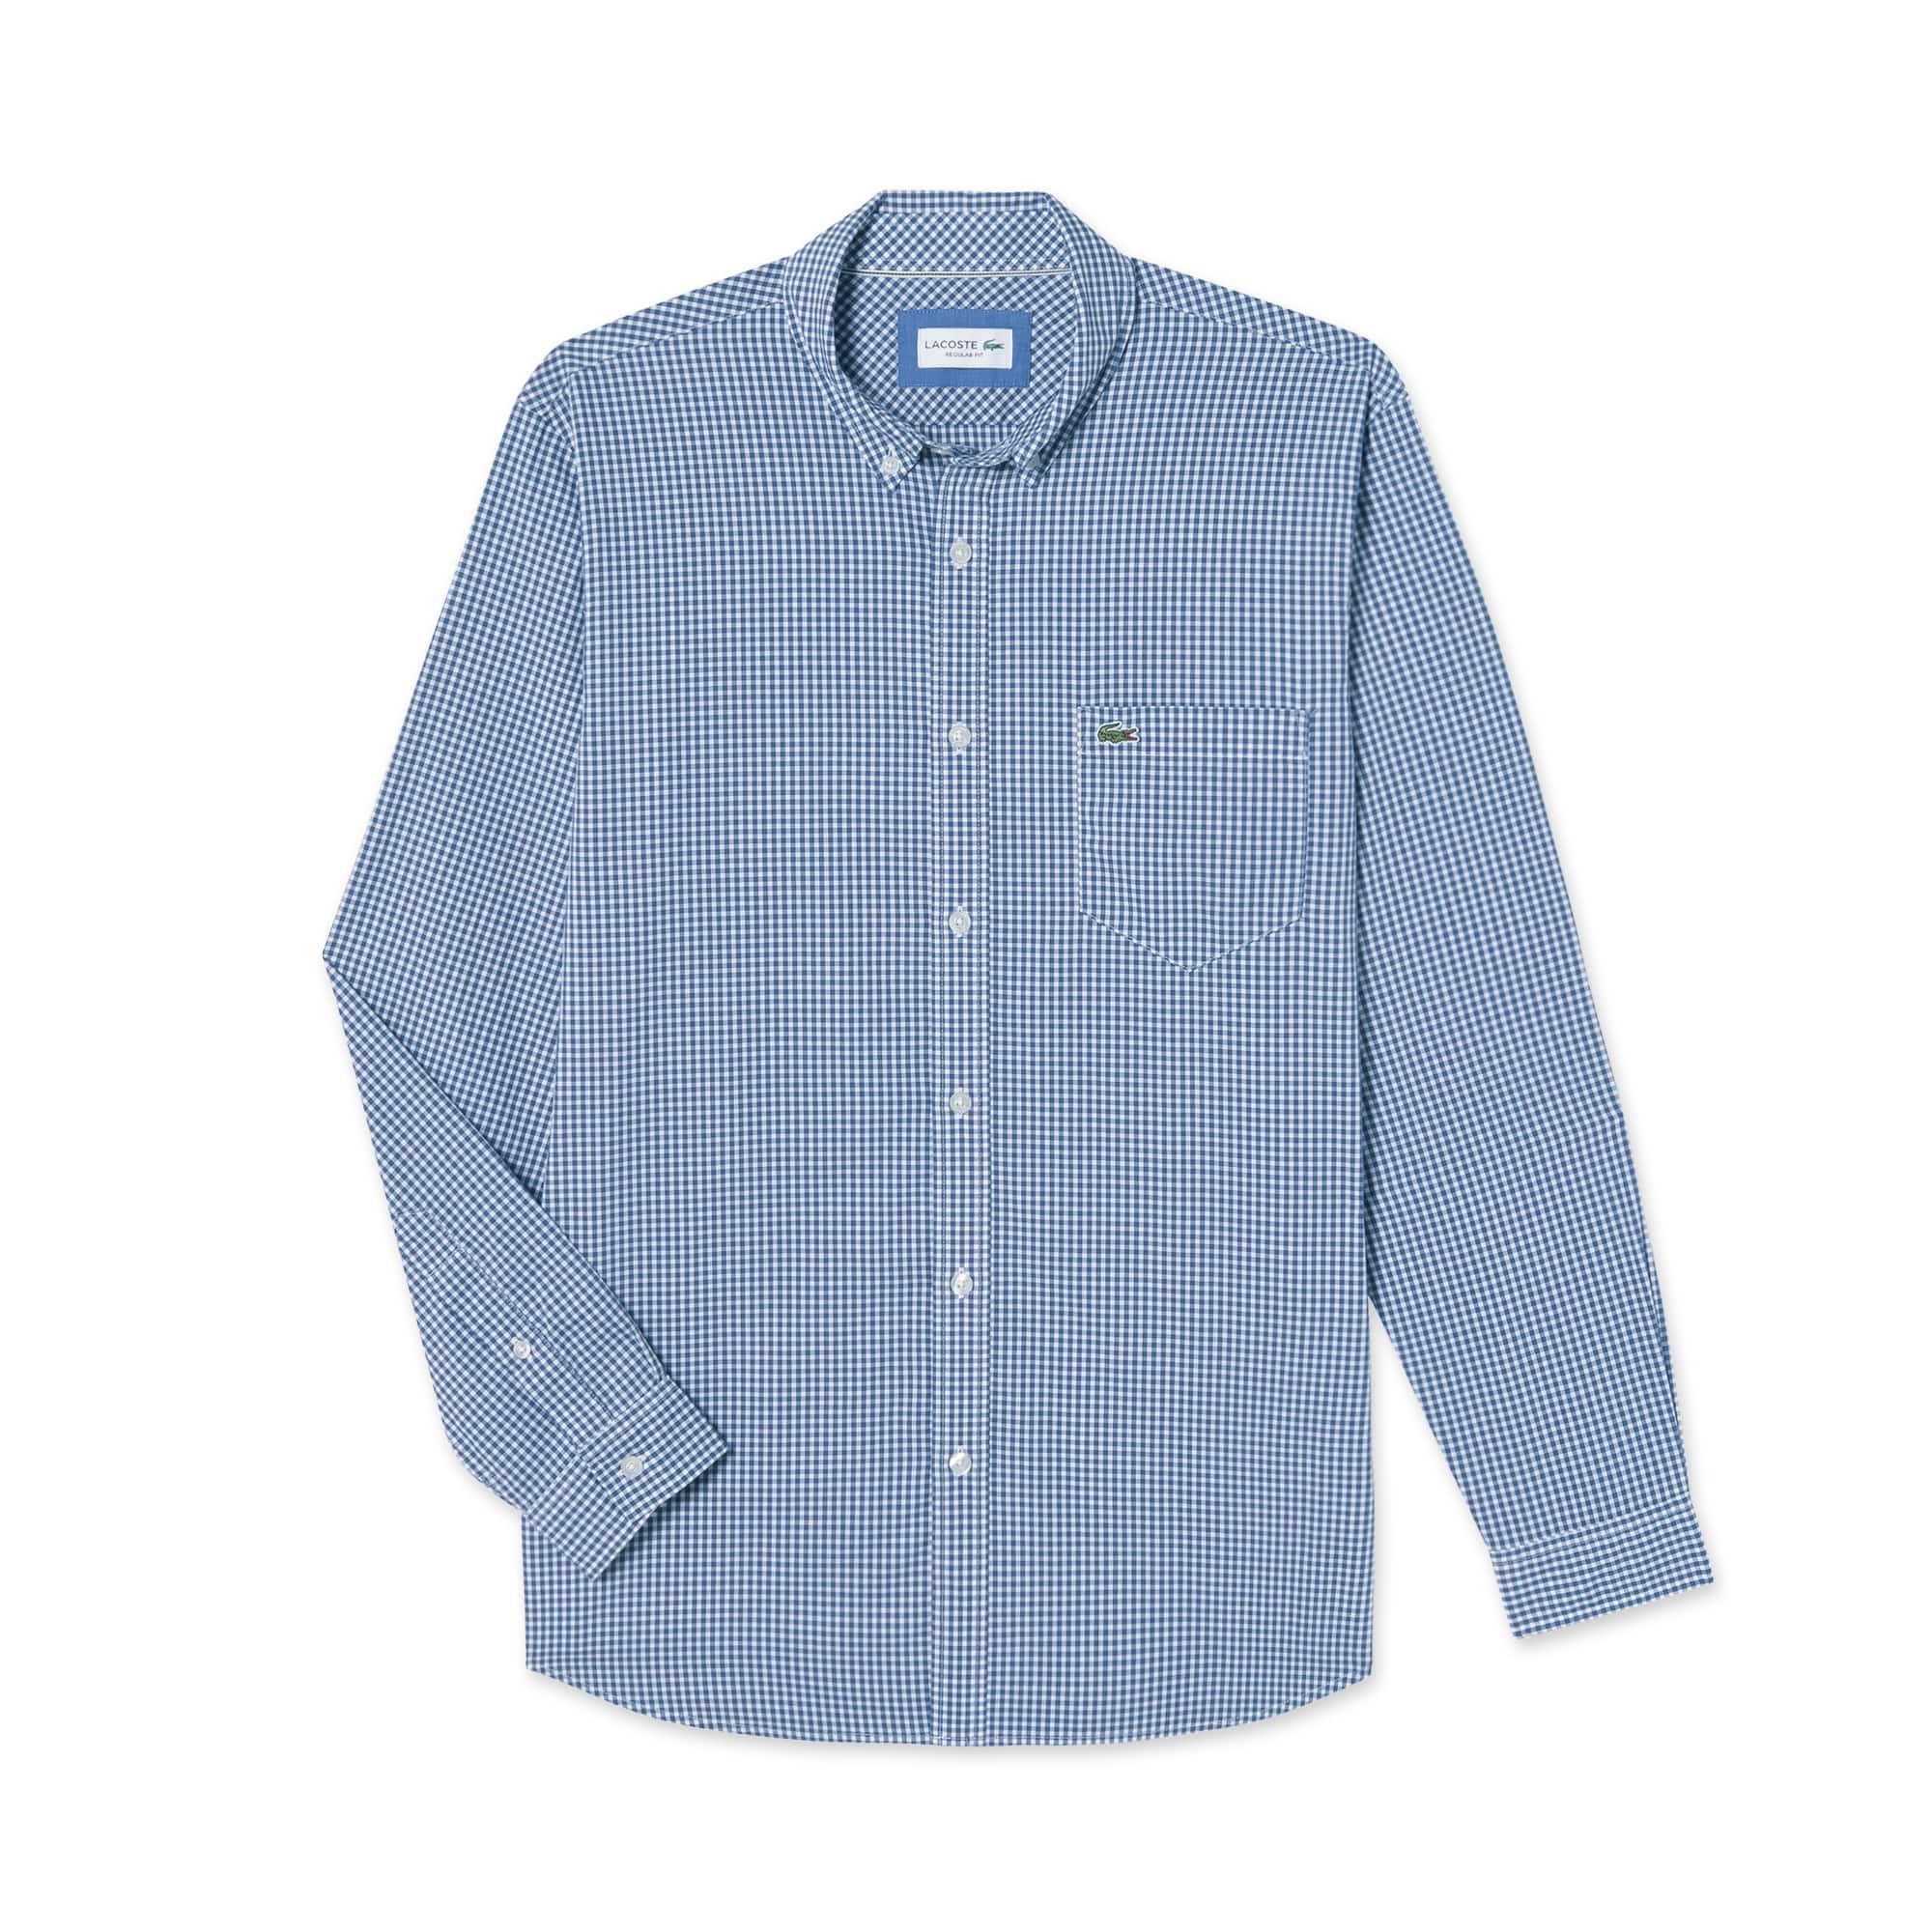 (남성) 라코스테 포플린 깅엄 레귤러 체크 셔츠